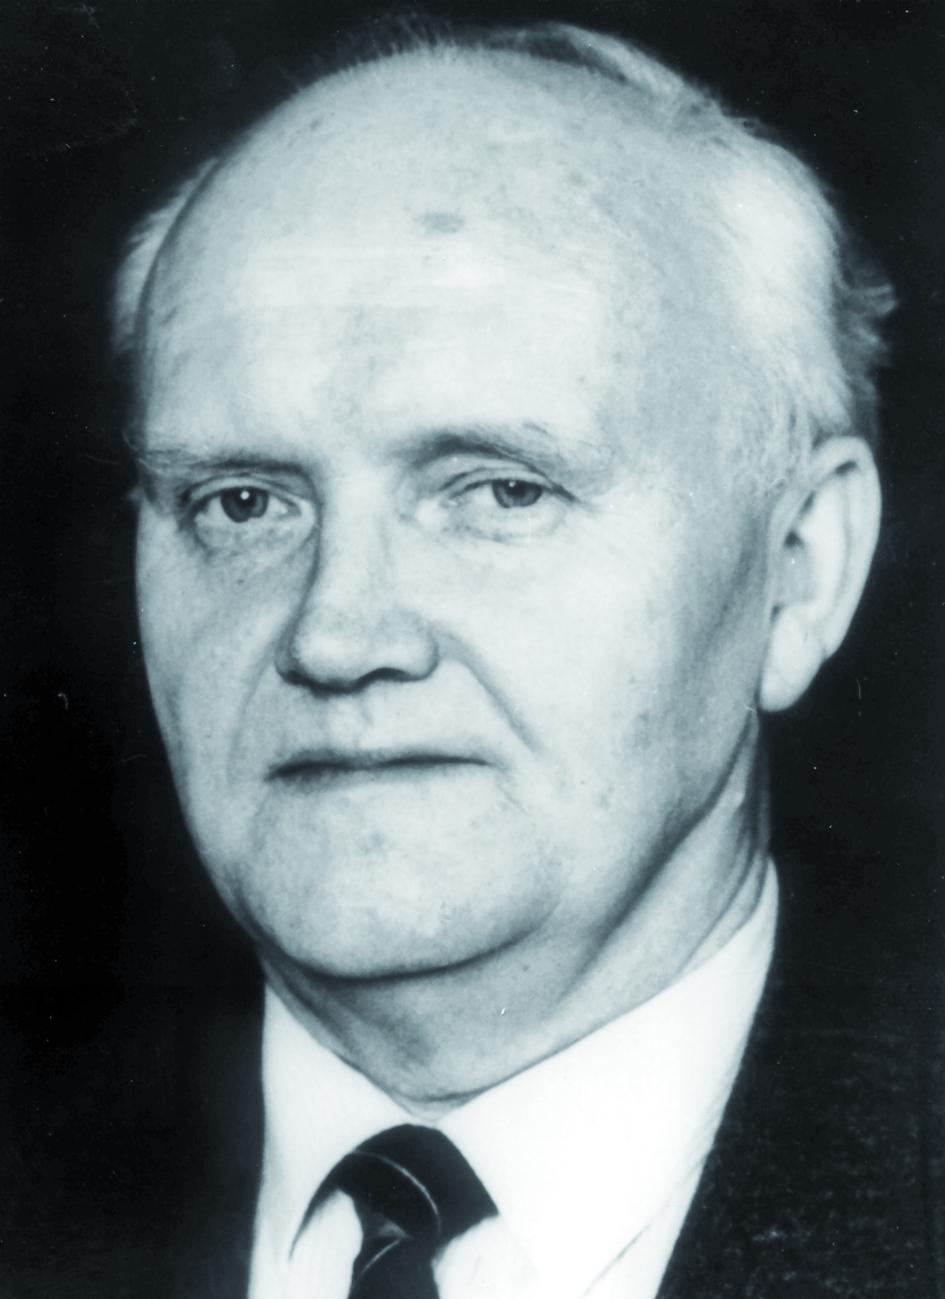 Portraitfoto von Herrn Max Scheer.